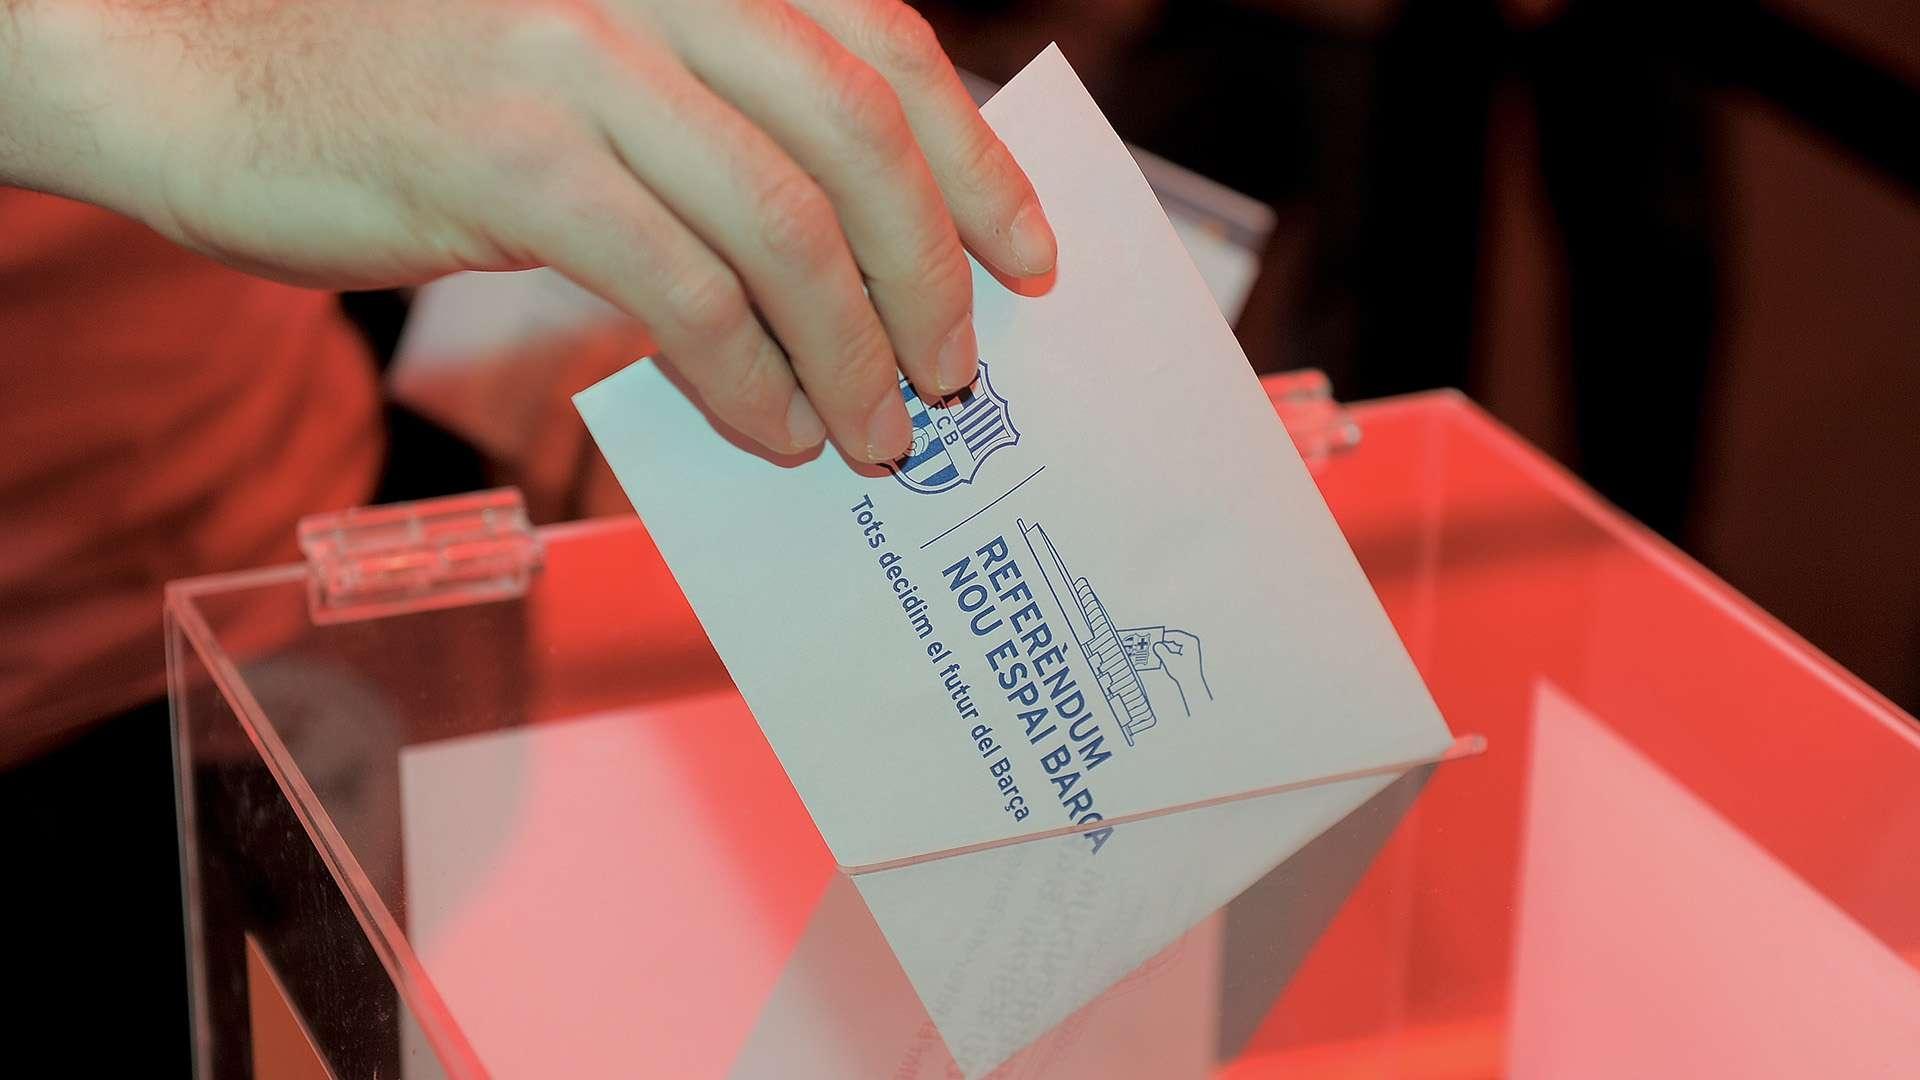 Вече има конкретна дата, на която ще се проведат изборите